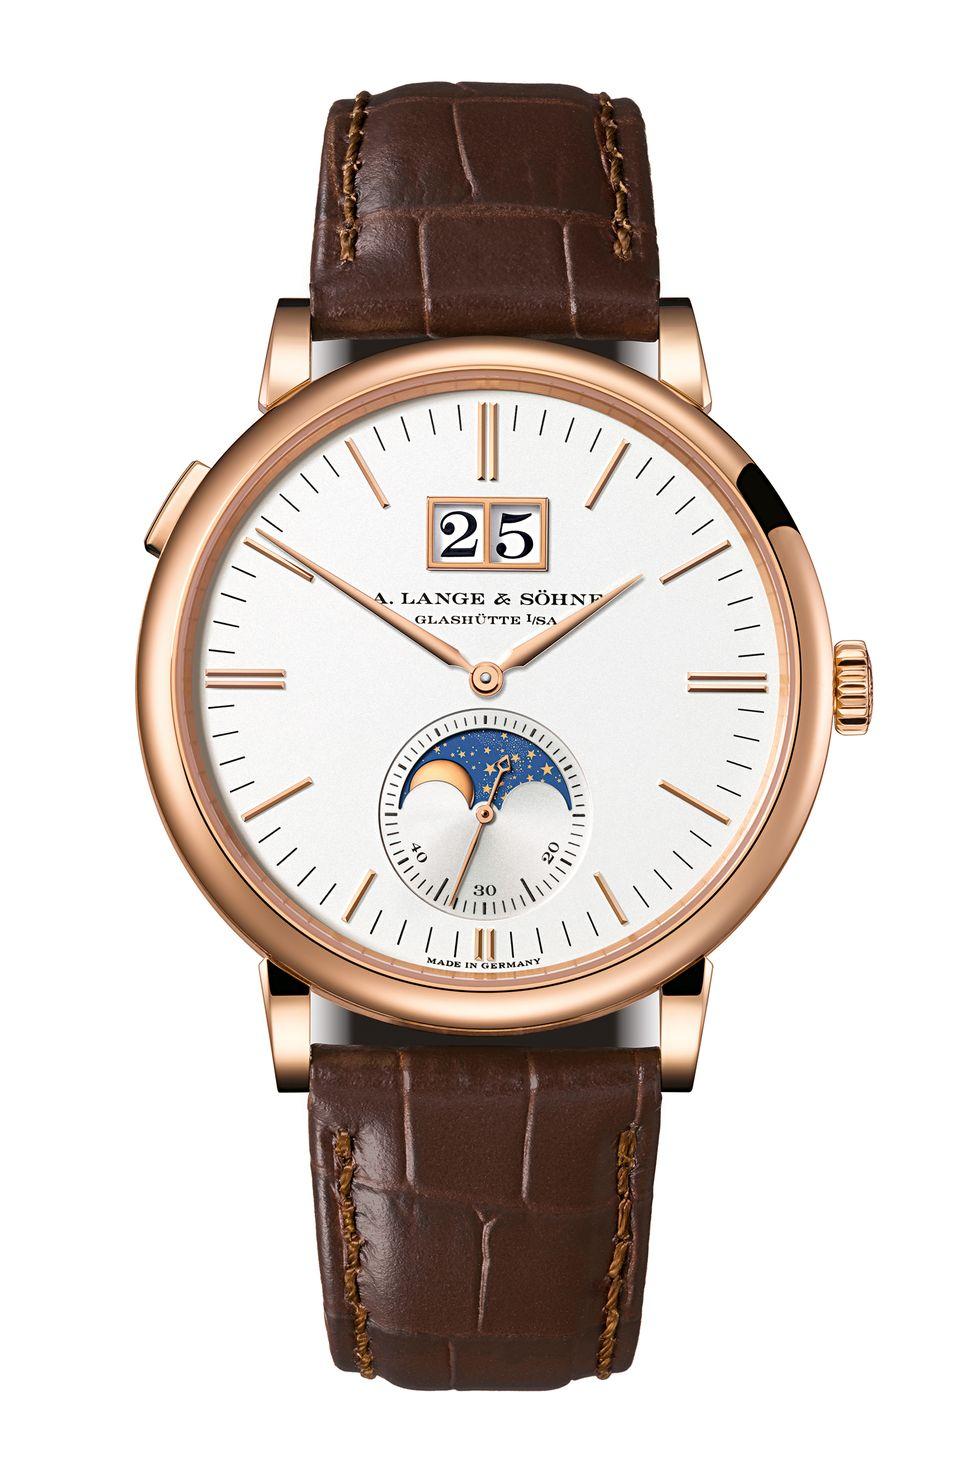 ساعت مچی مردانه A. Lange & Söhne